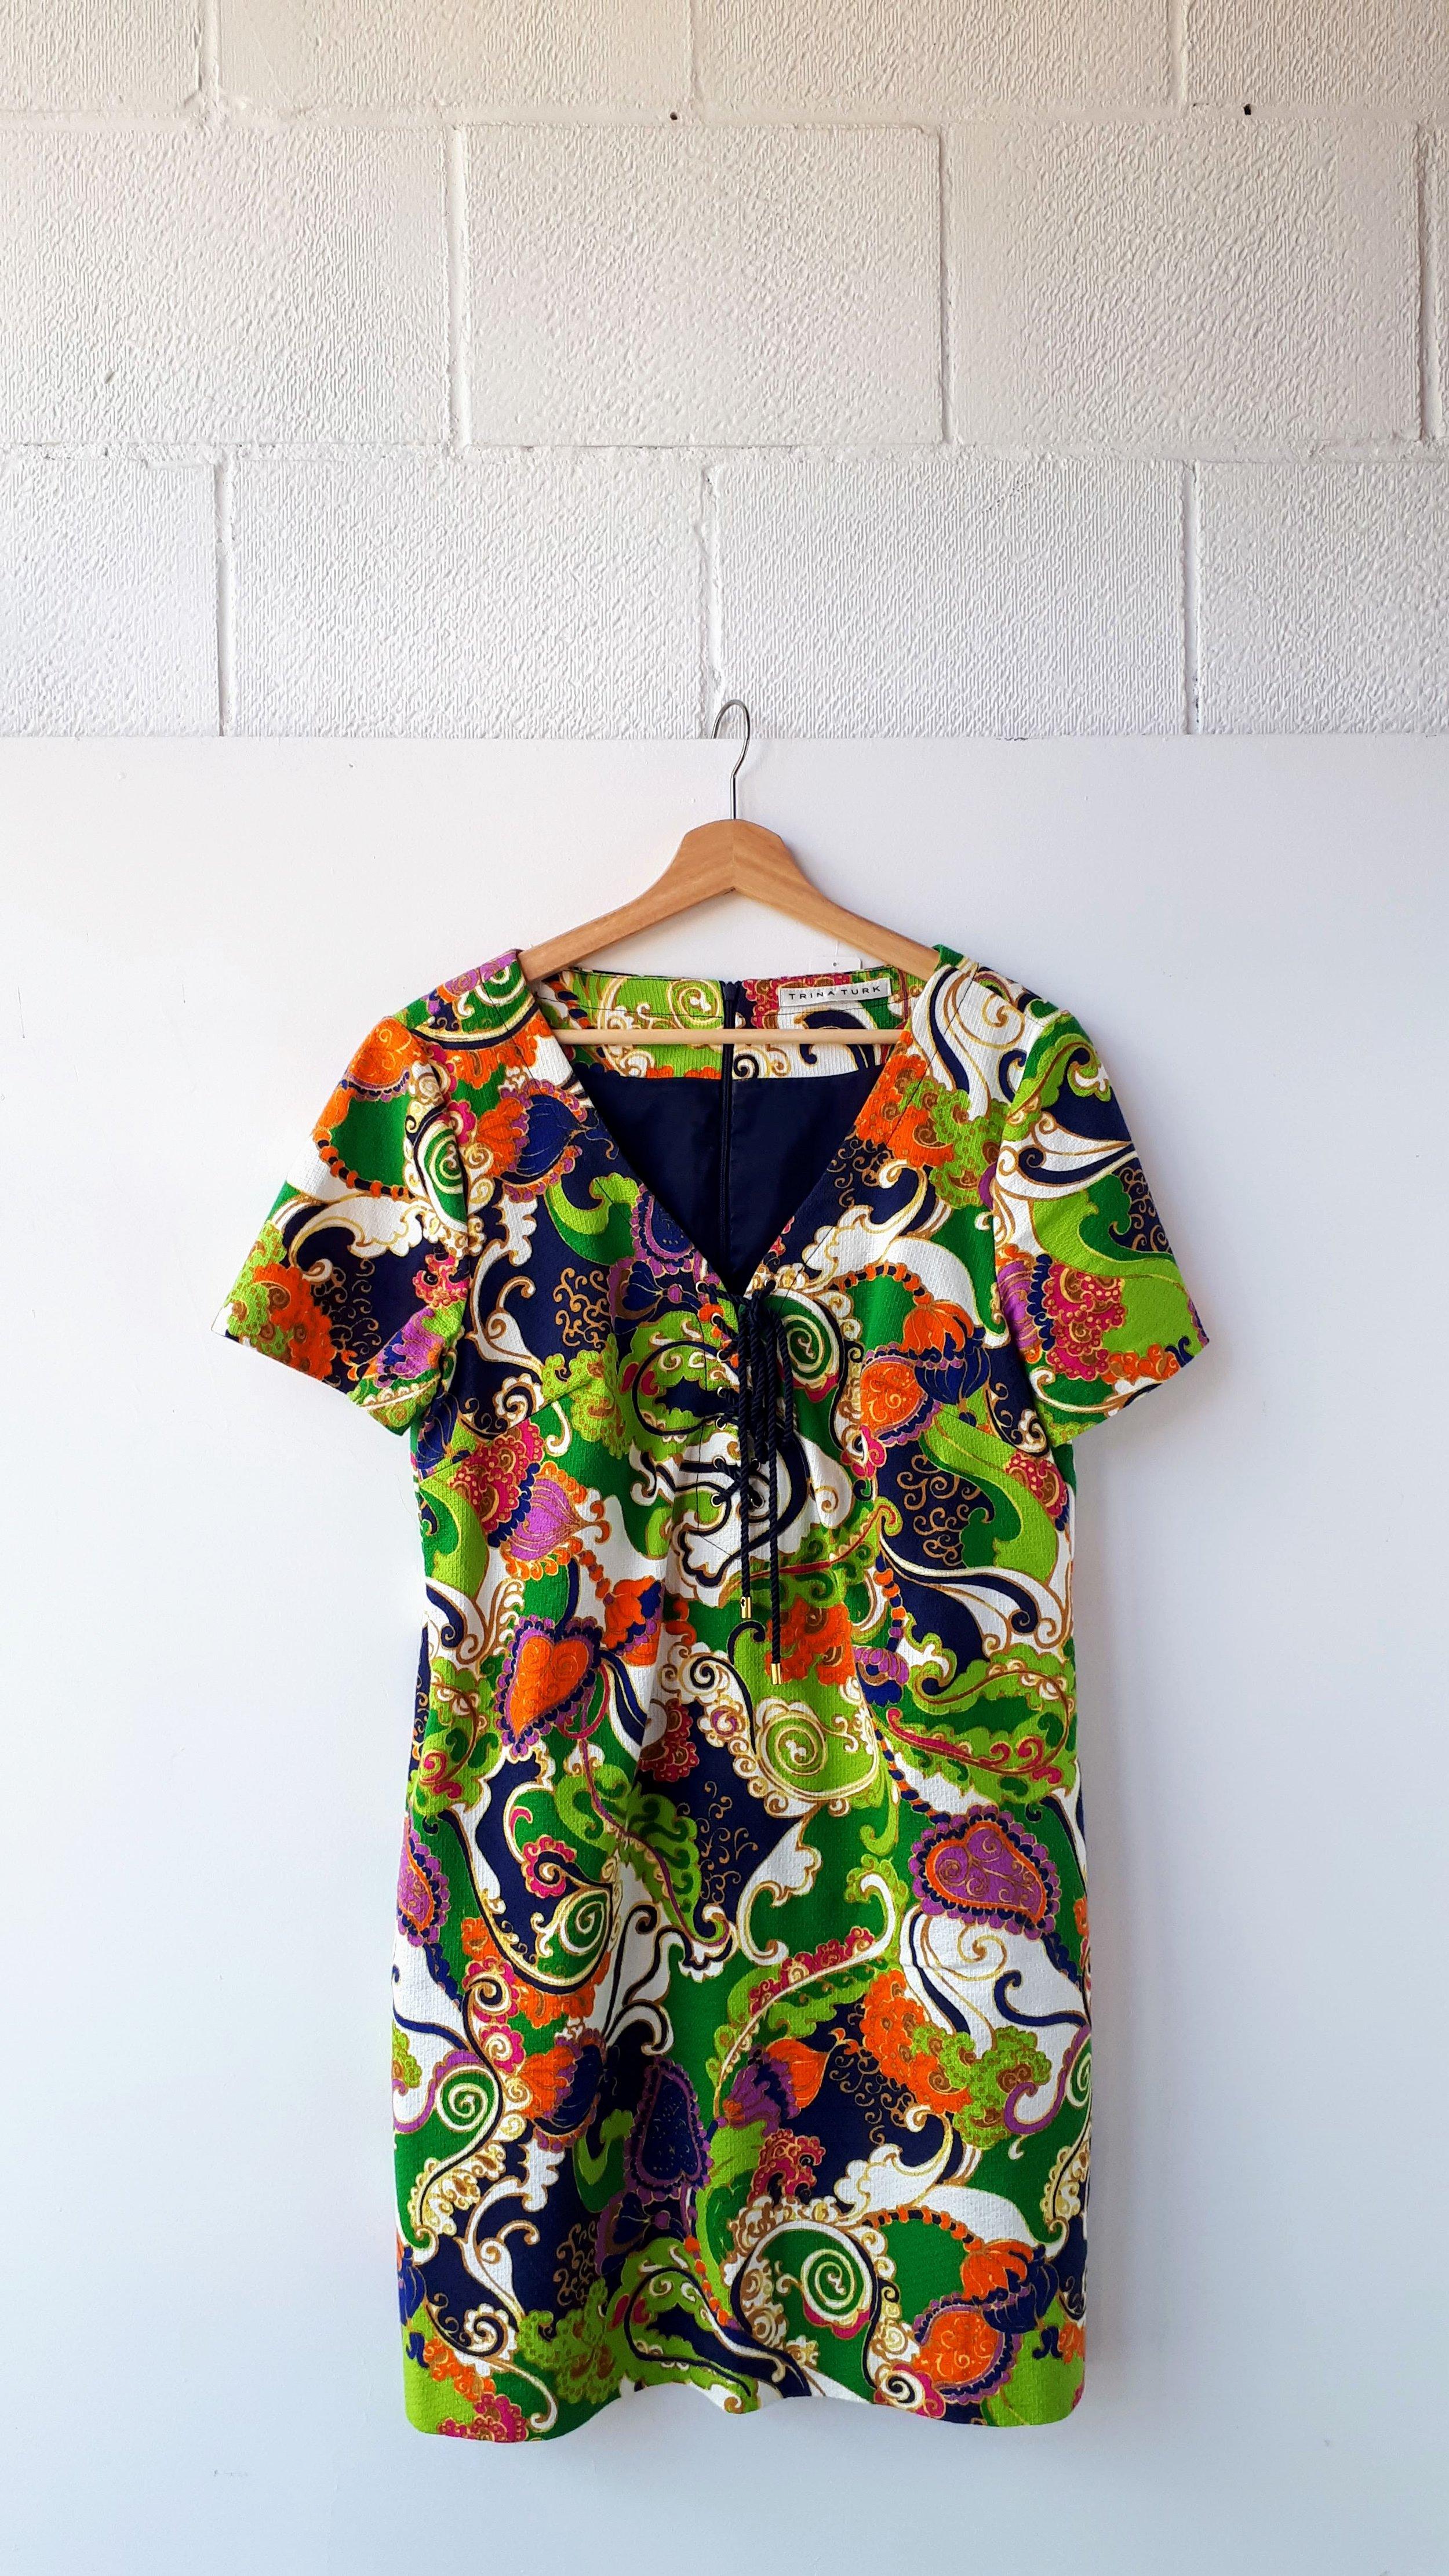 Trina Turk dress; Size M, $52